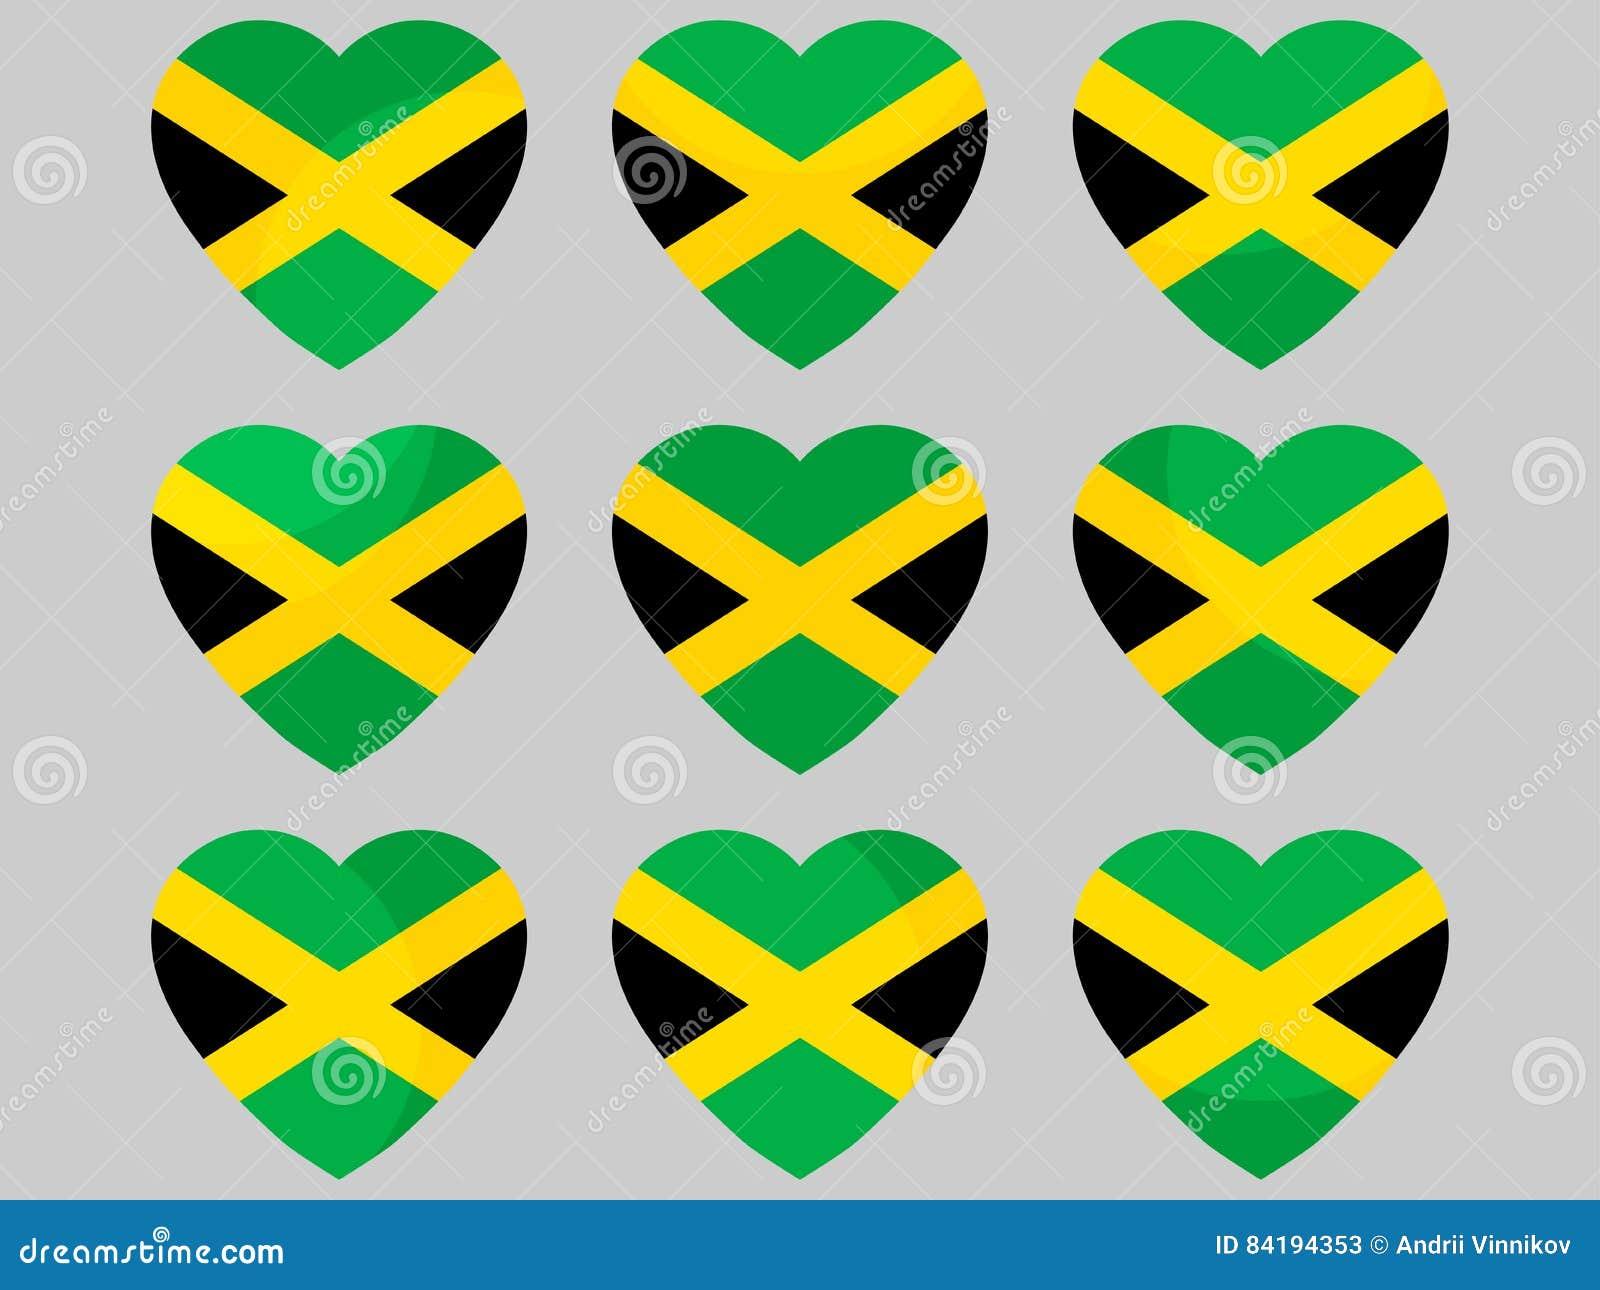 Heart with jamaican flag i love jamaica vector